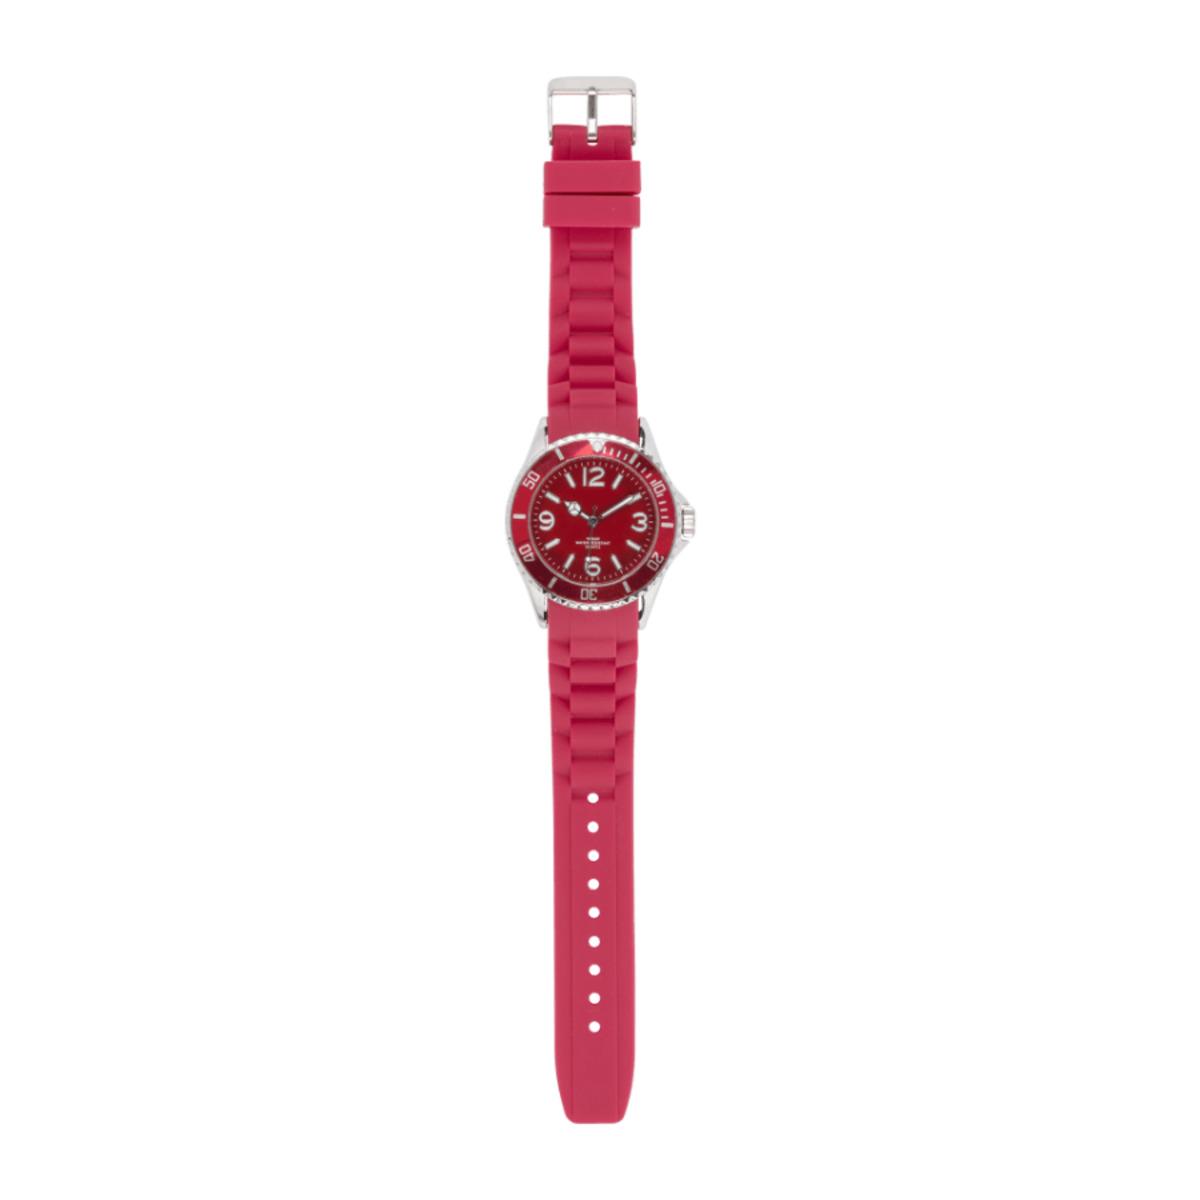 Bild 4 von KRONTALER     Colour Watch